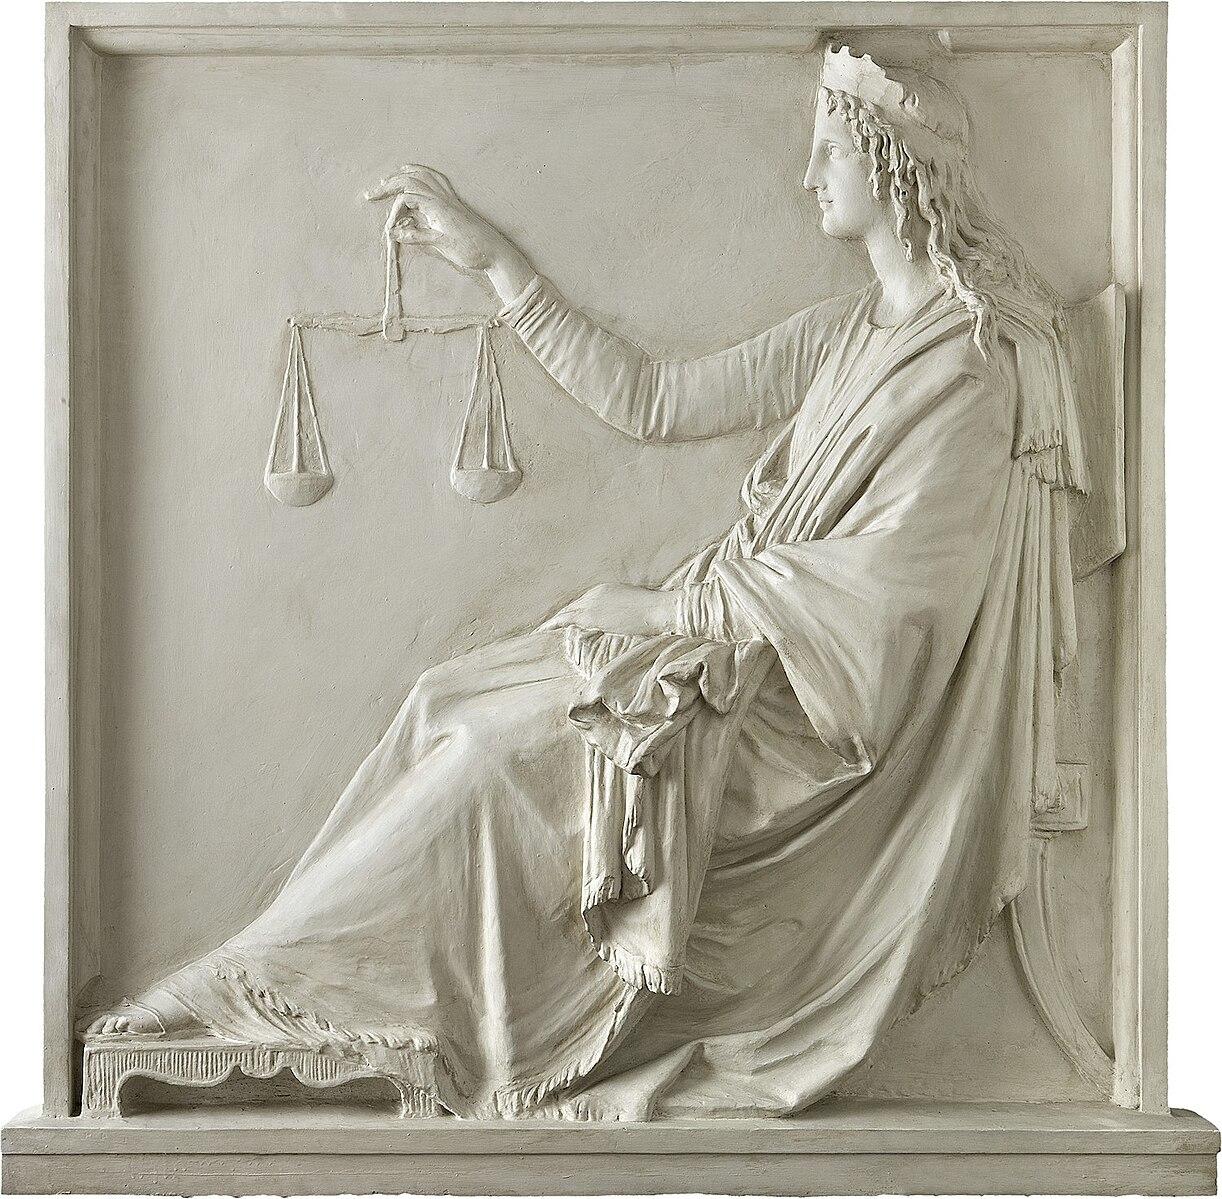 File:Artgate Fondazione Cariplo - Canova Antonio, Allegoria della Giustizia.jpg